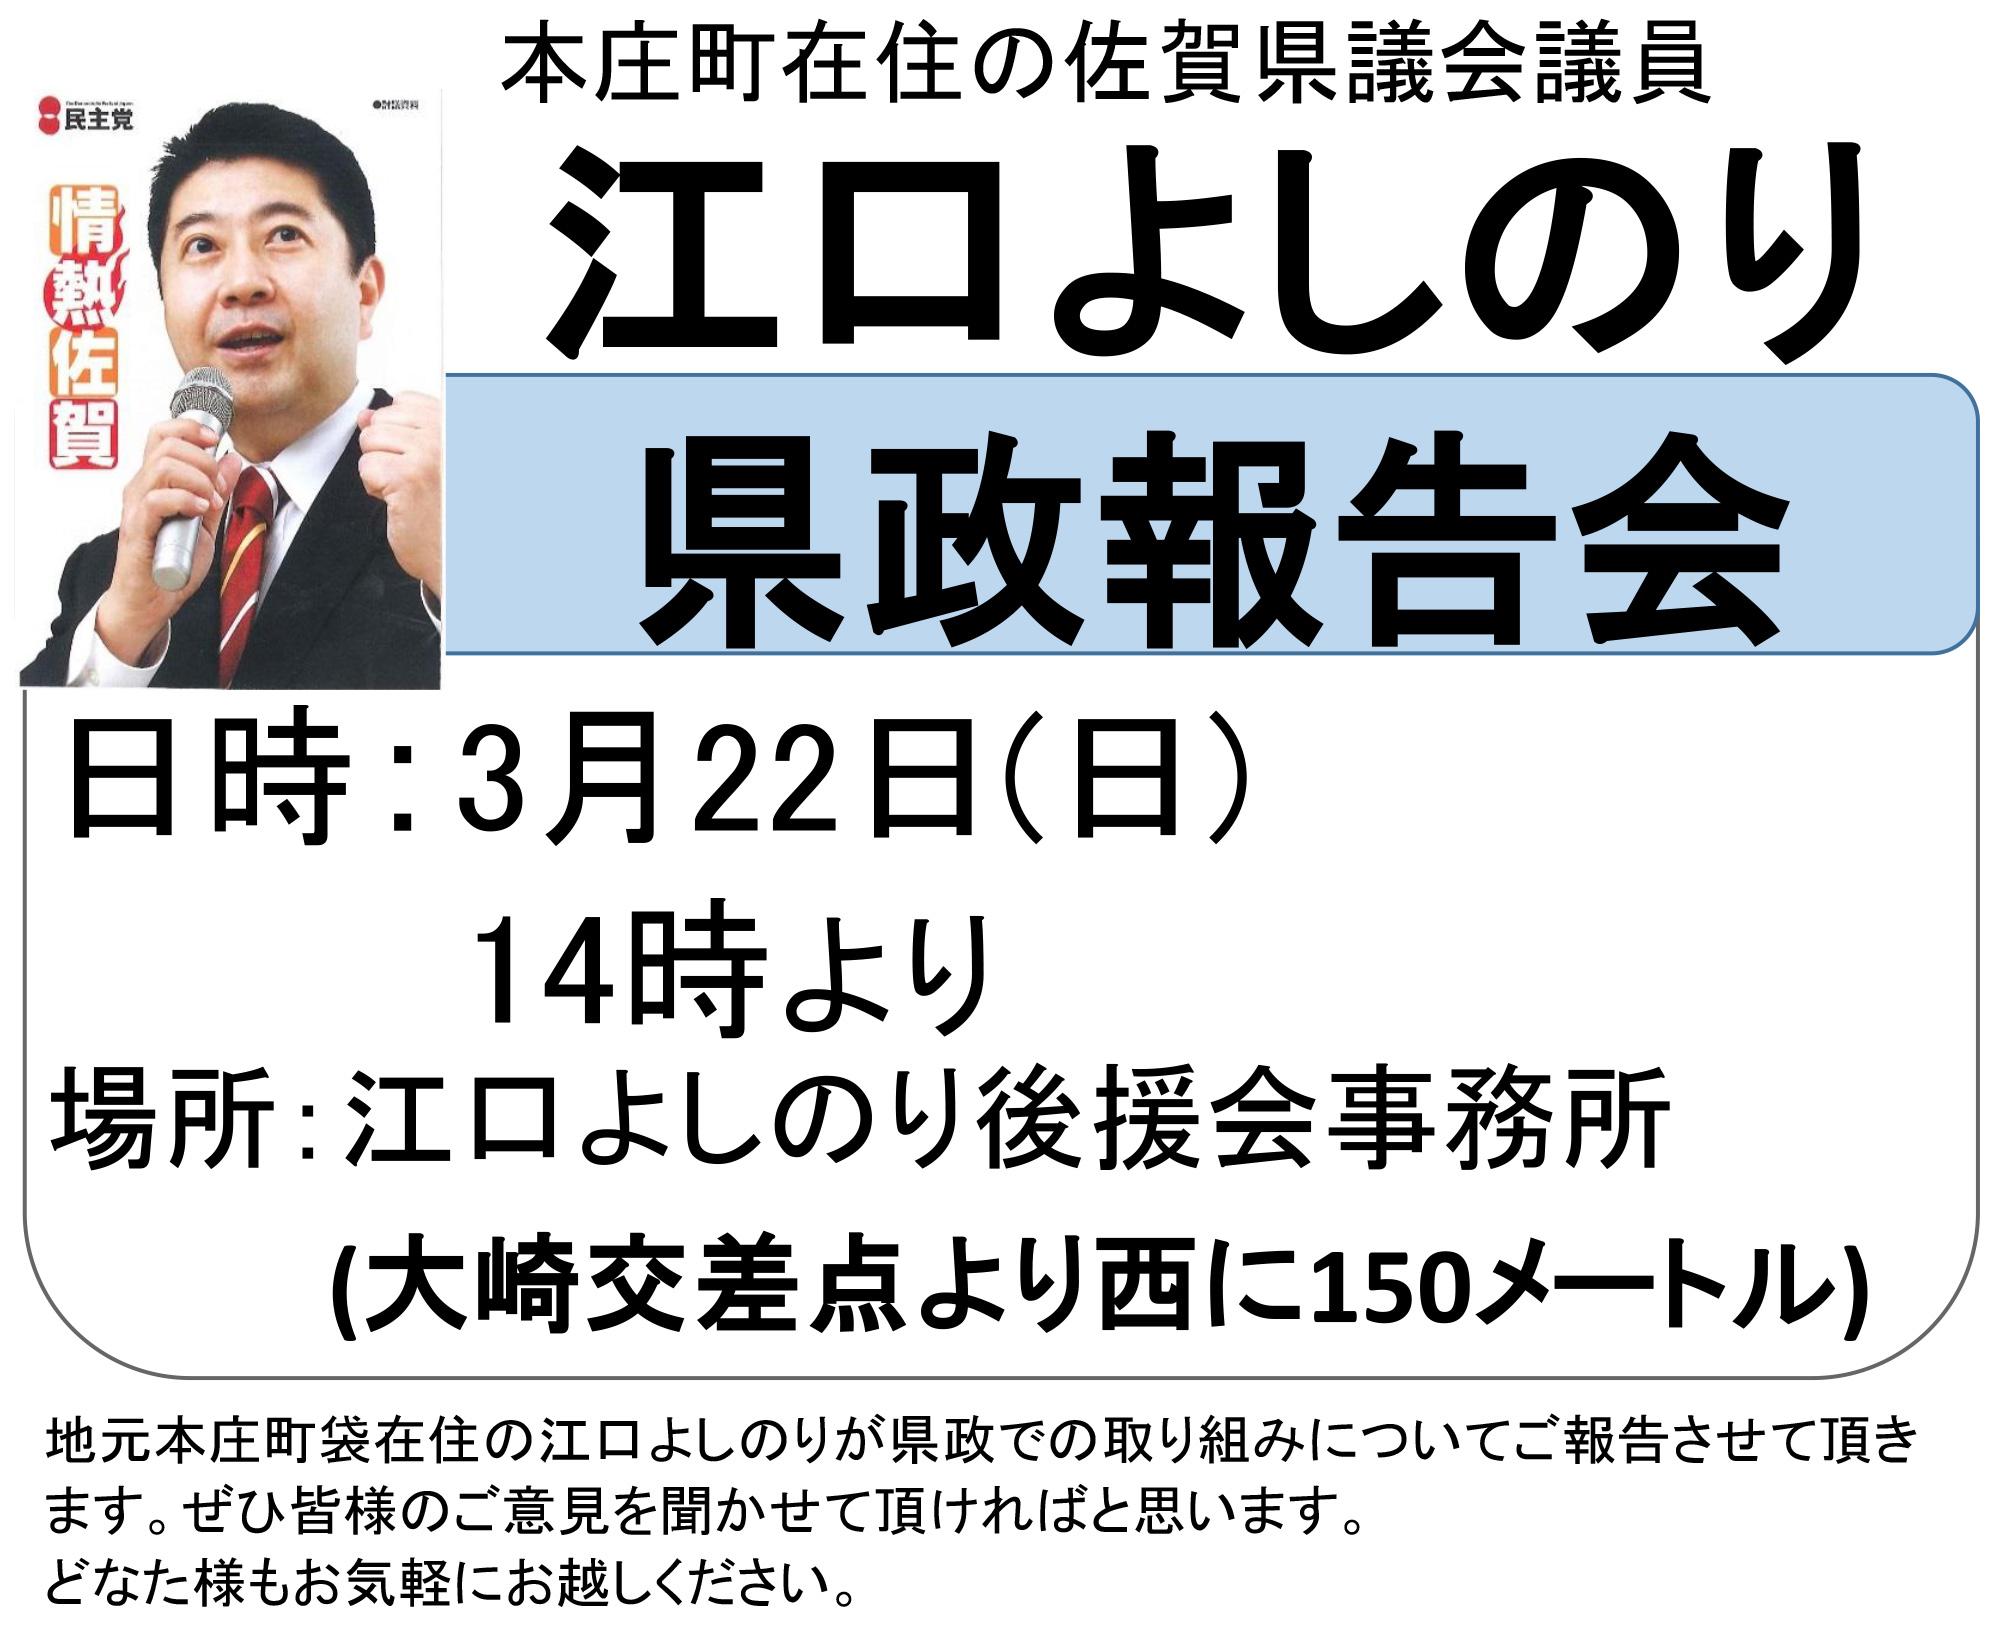 県政報告会用ビラ32(本庄)-1